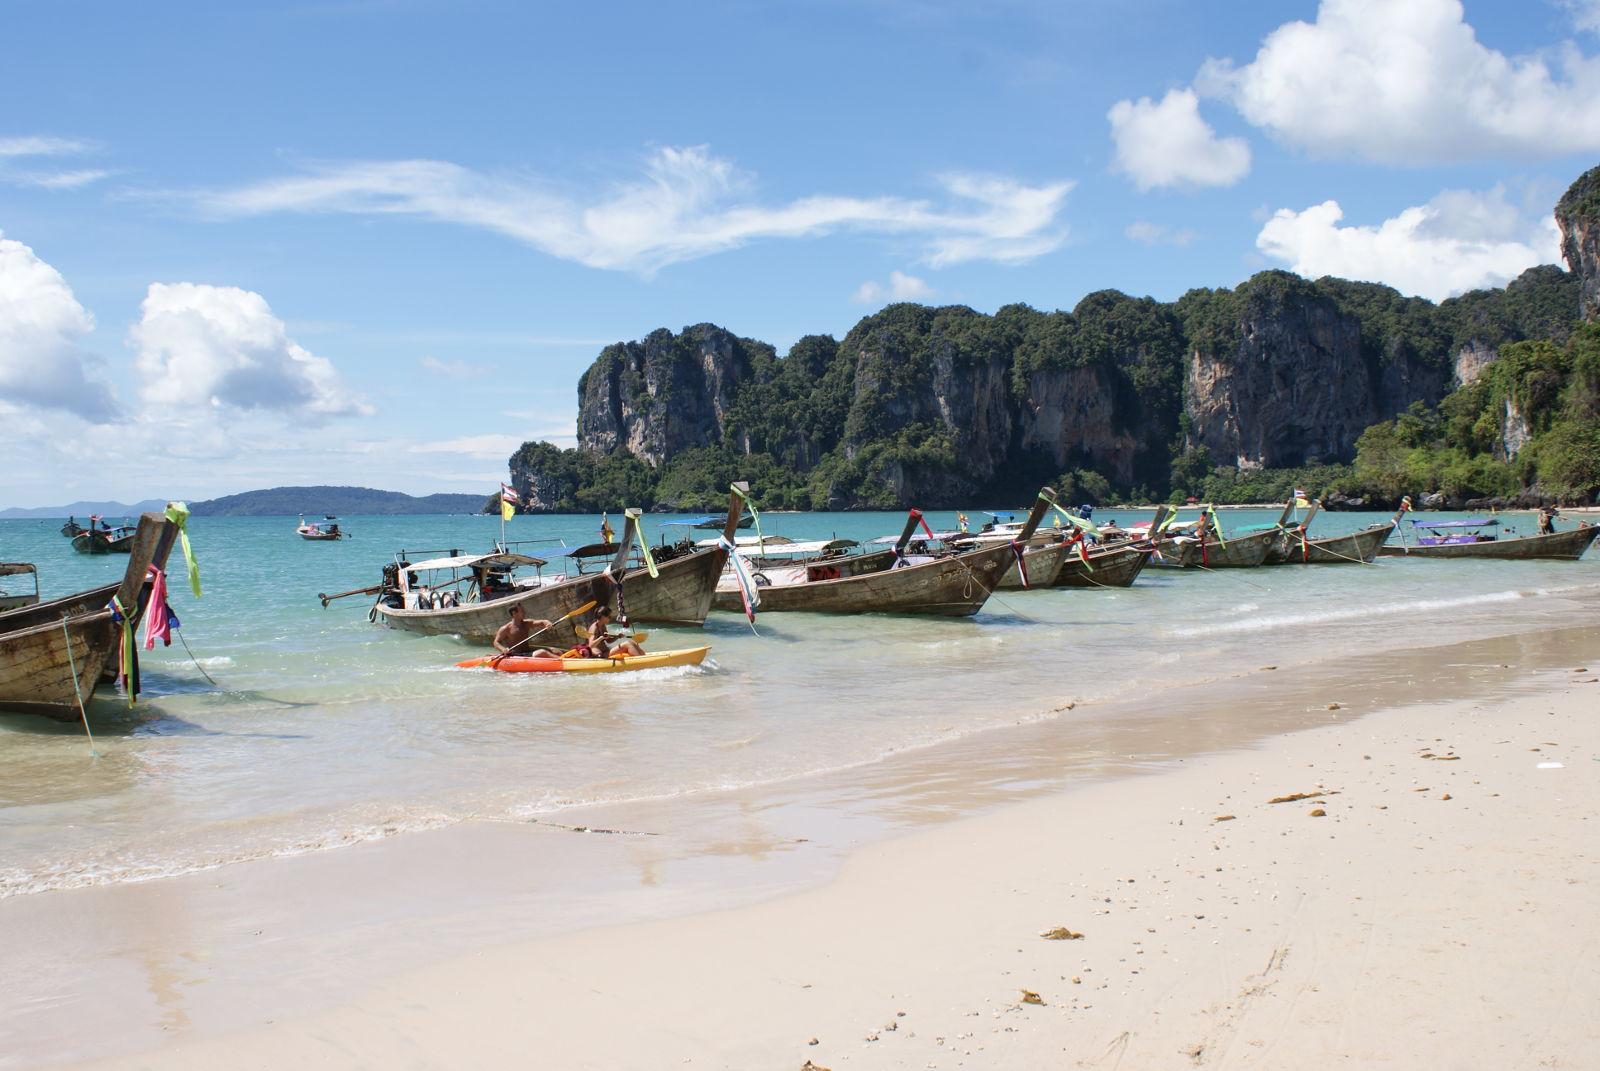 pakkerejse thailand december